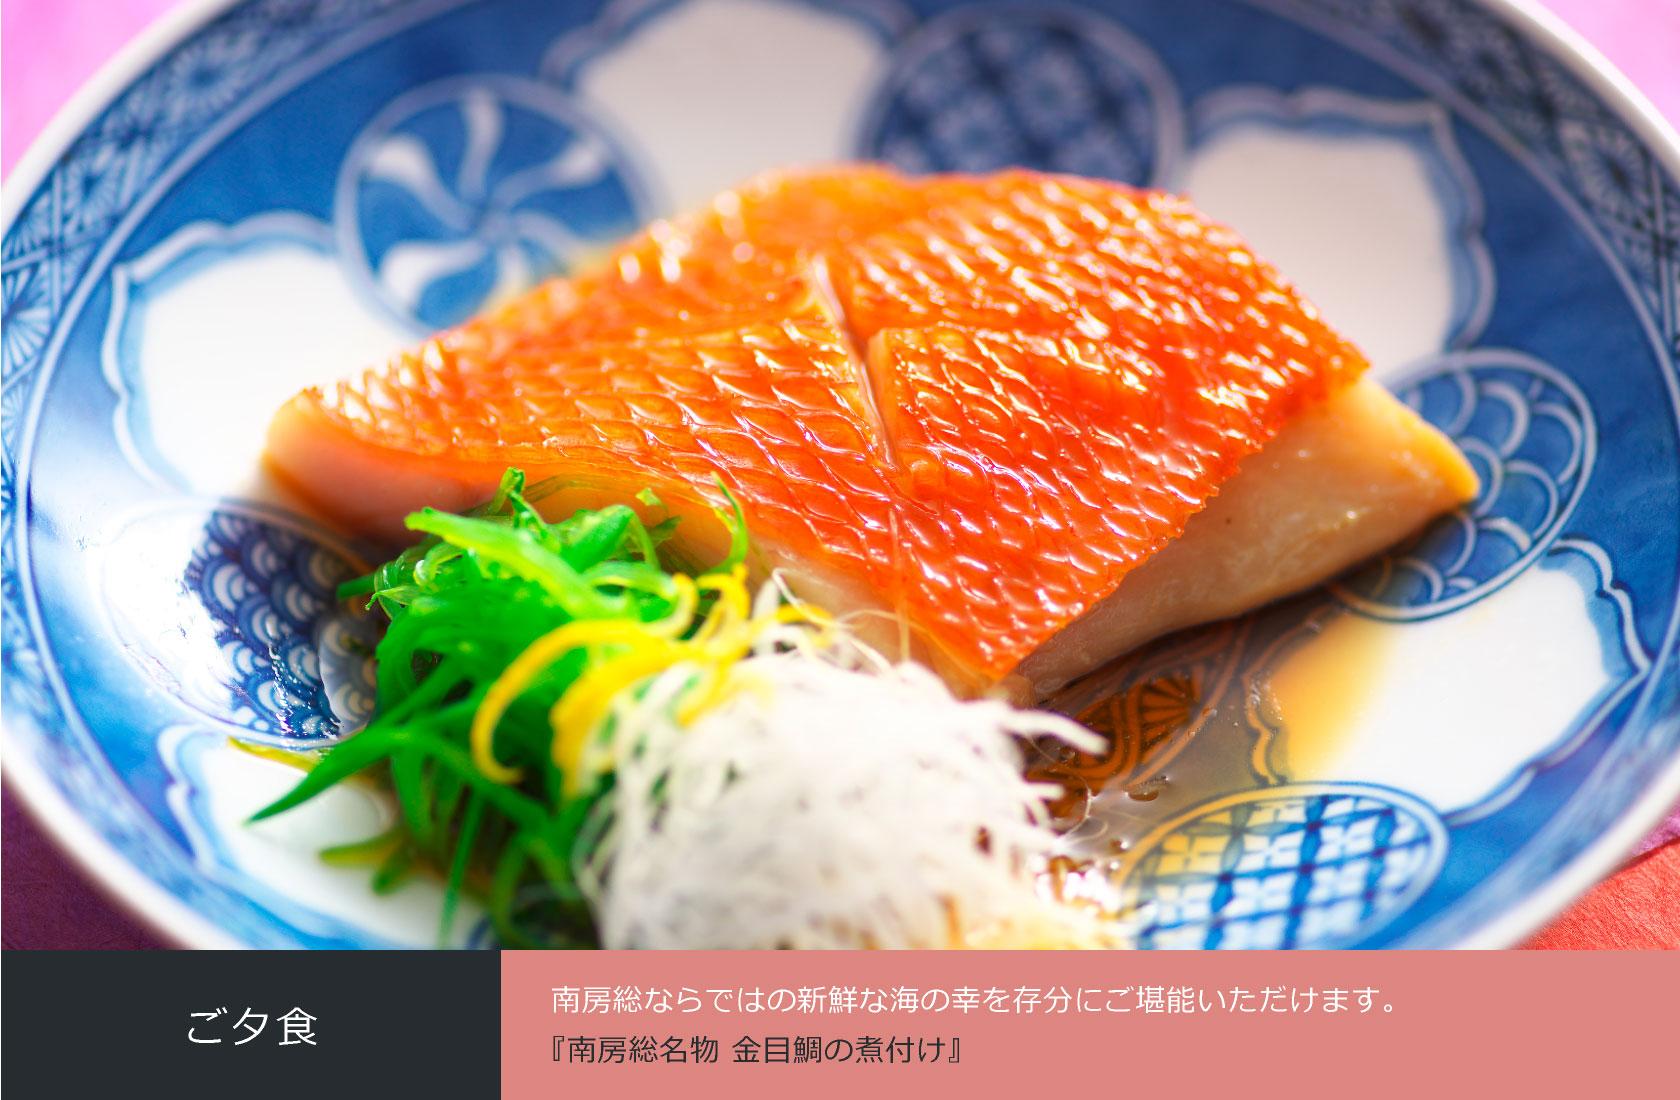 ご夕食 南房総ならではの新鮮な海の幸を存分にご堪能いただけます。『南房総名物 金目鯛の煮付け』